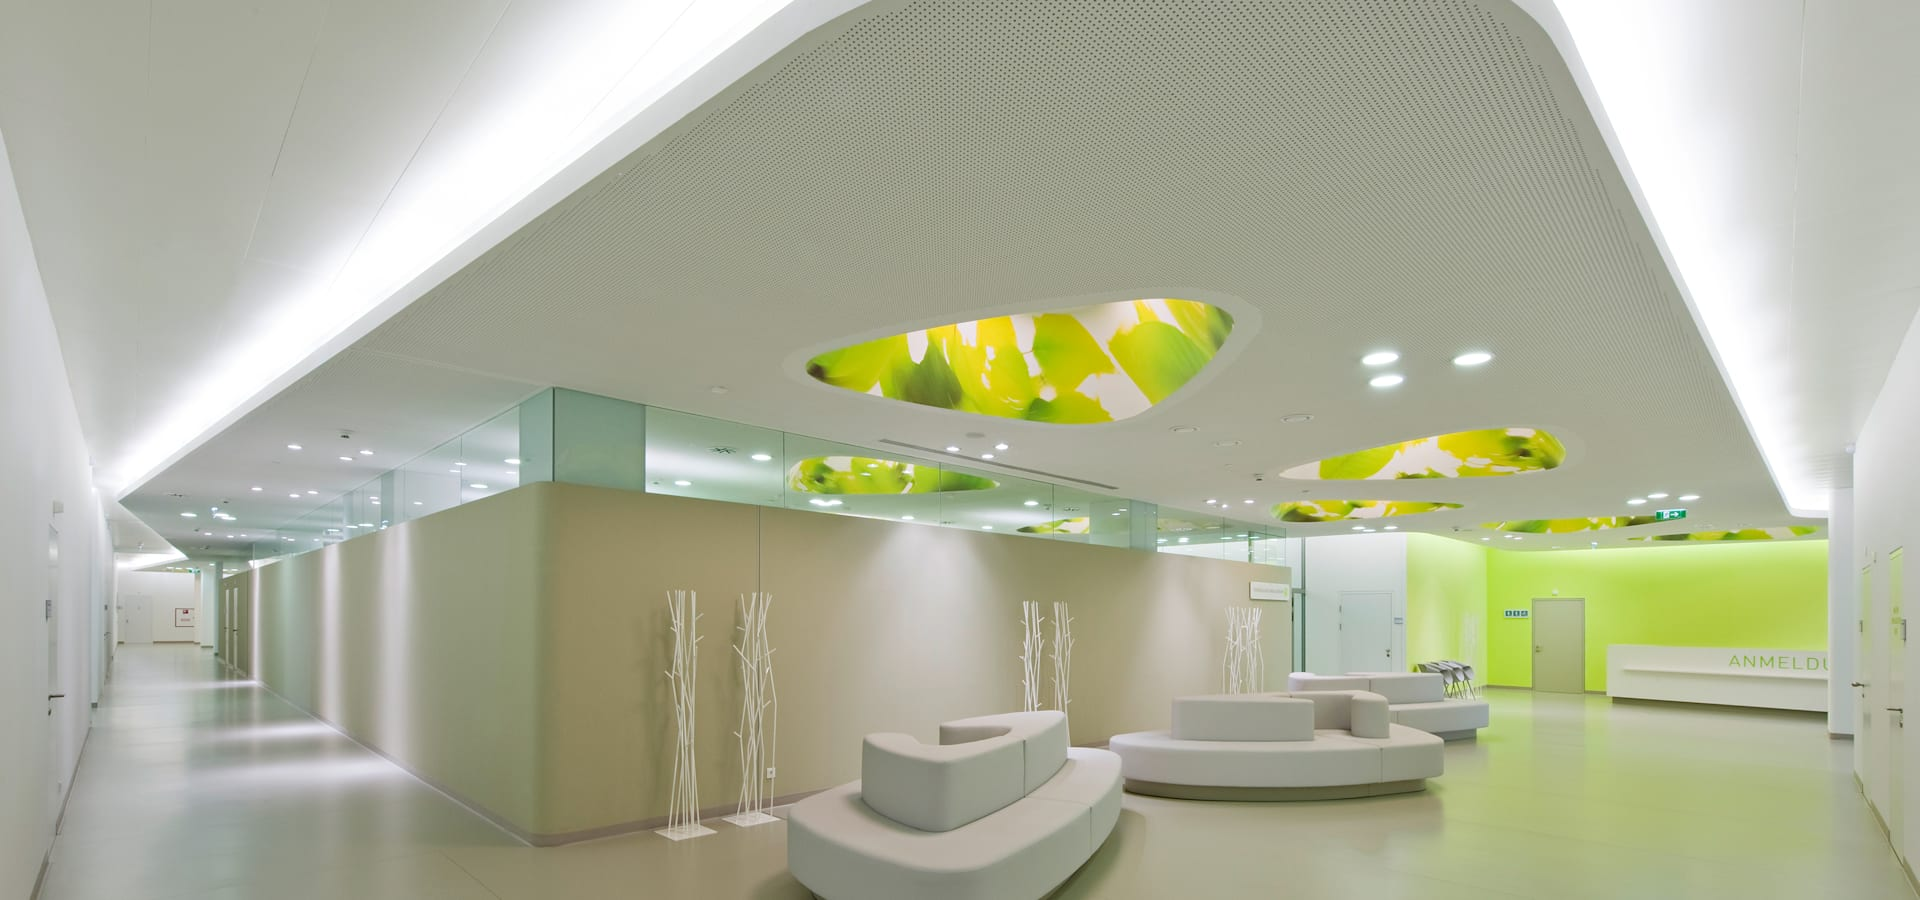 Gesundheitszentrum u3 med wien von lakonis architekten - Lakonis architekten ...